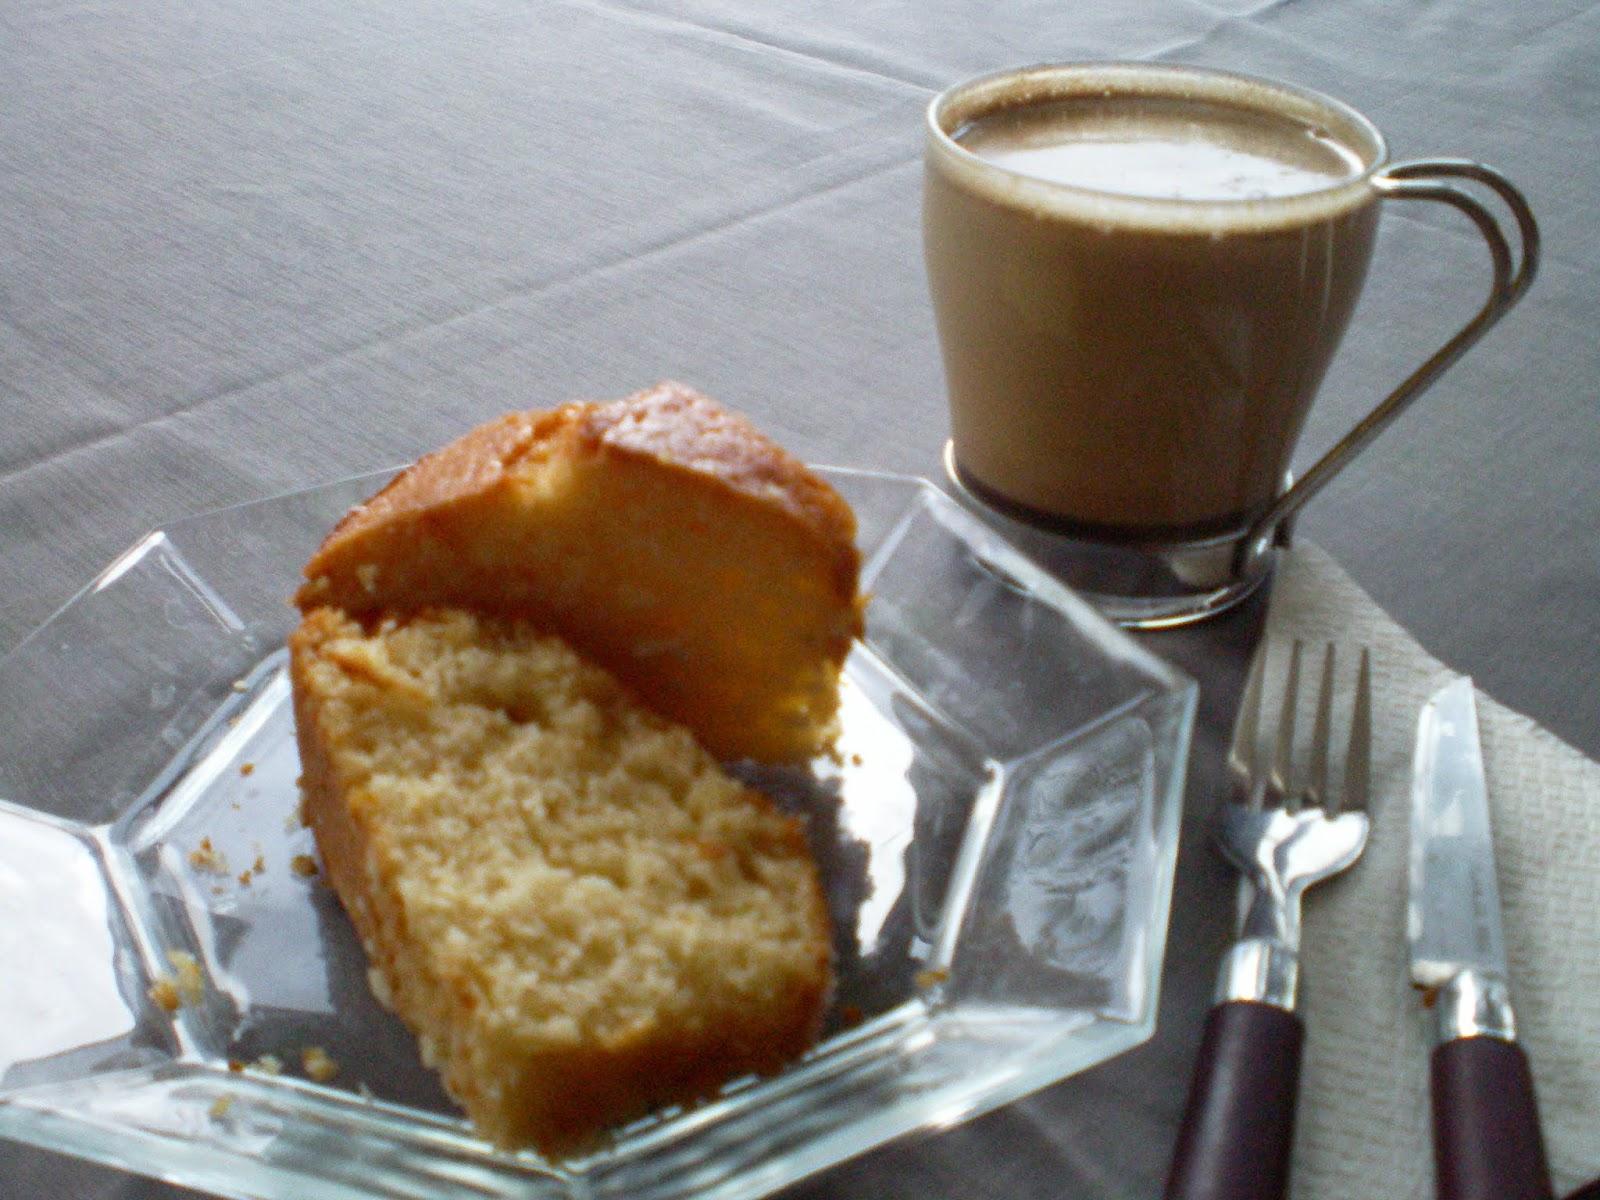 Erikli kek - aile çayı içmeye tatlı